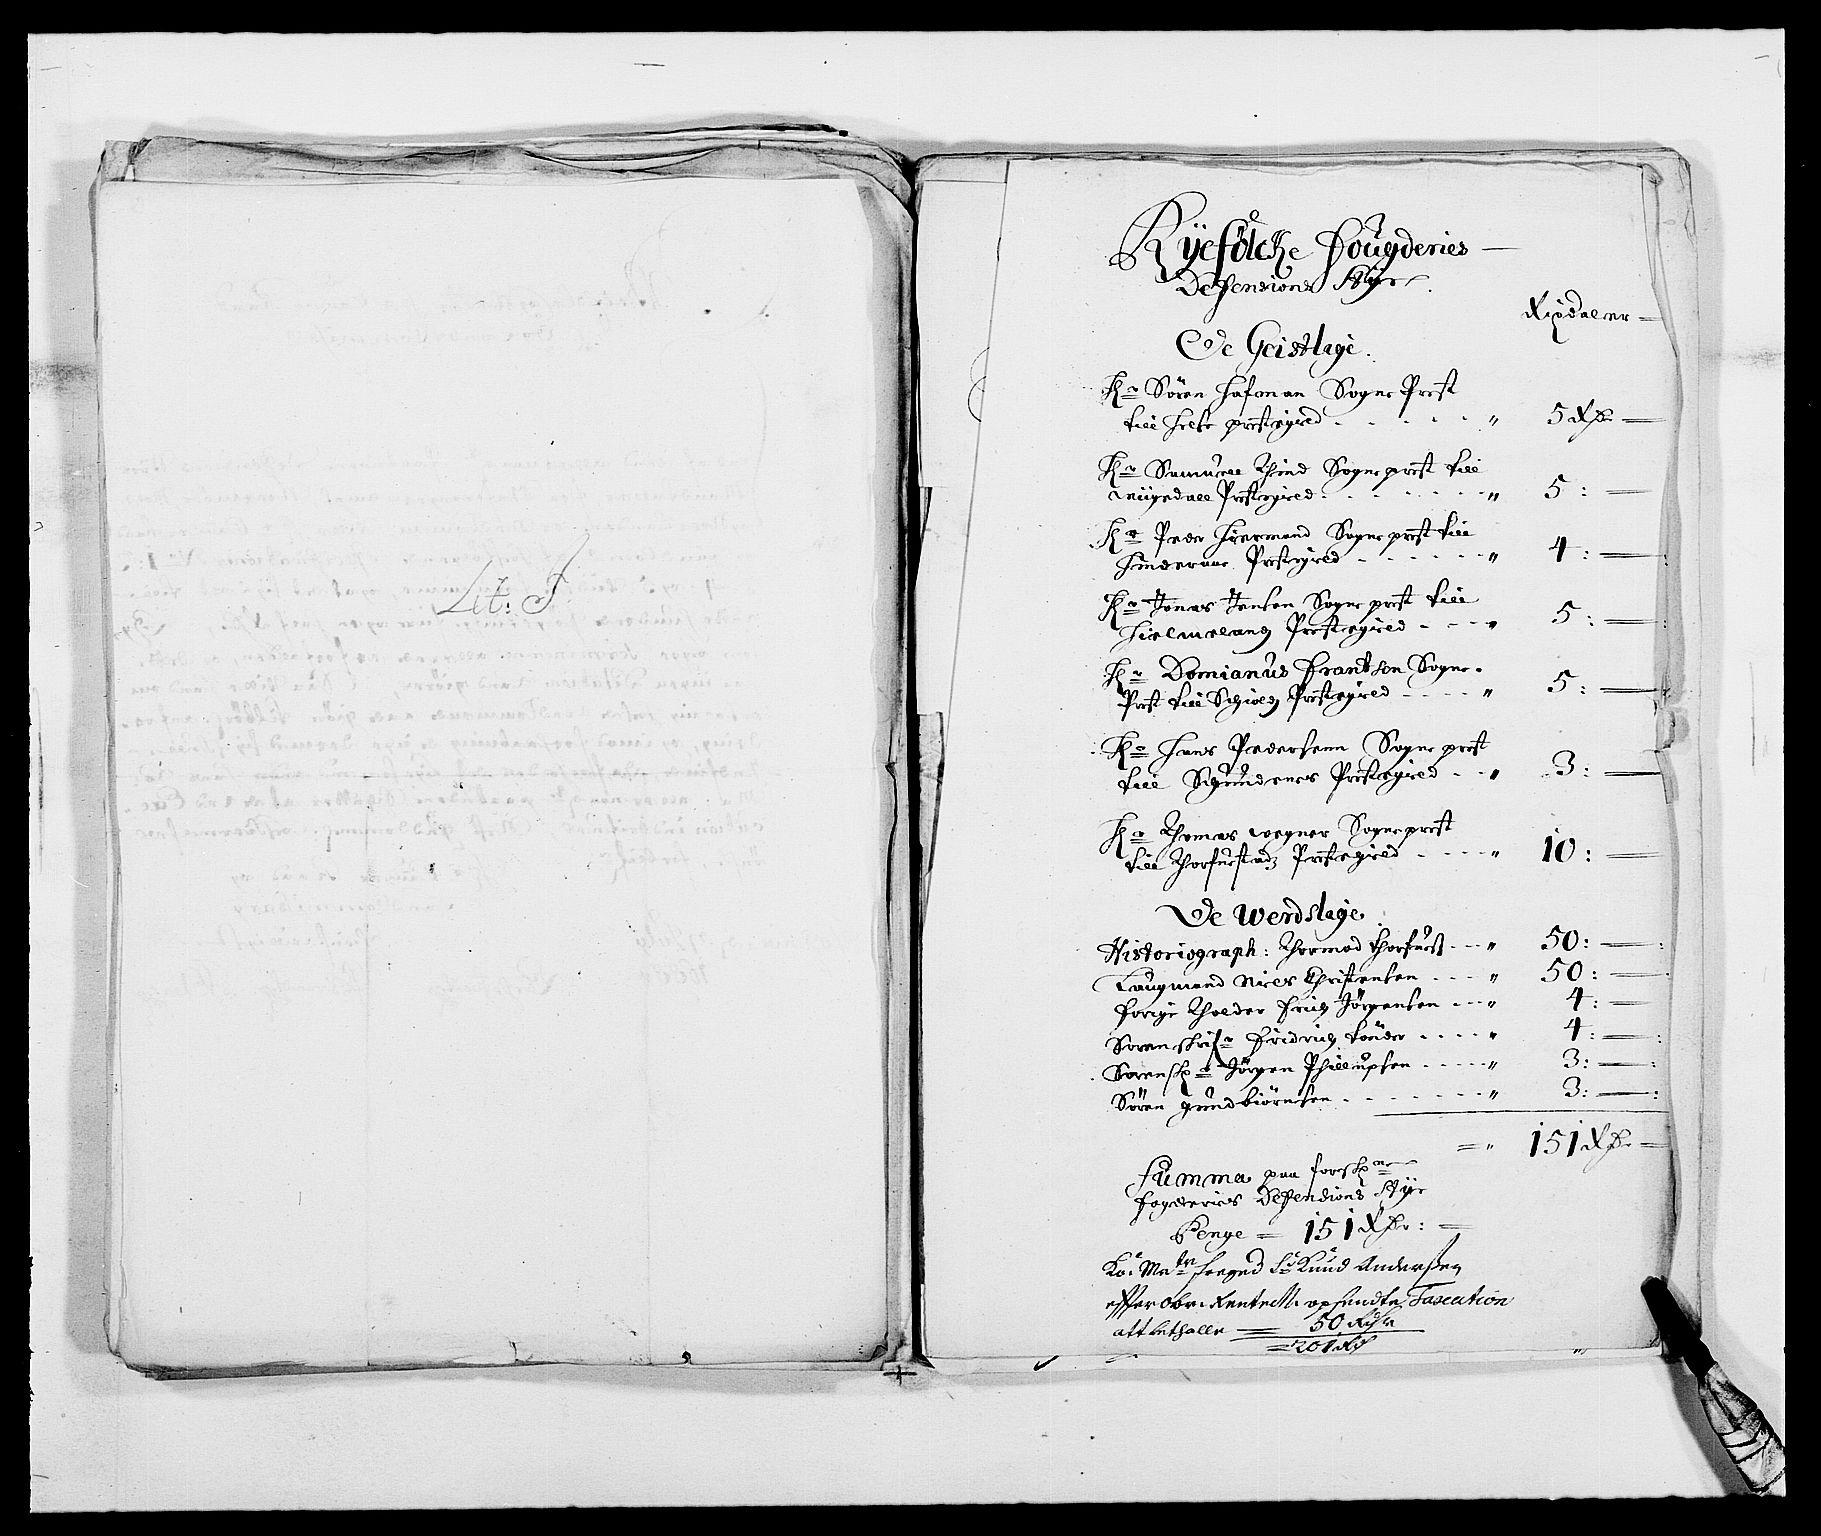 RA, Rentekammeret inntil 1814, Reviderte regnskaper, Fogderegnskap, R47/L2855: Fogderegnskap Ryfylke, 1685-1688, s. 390